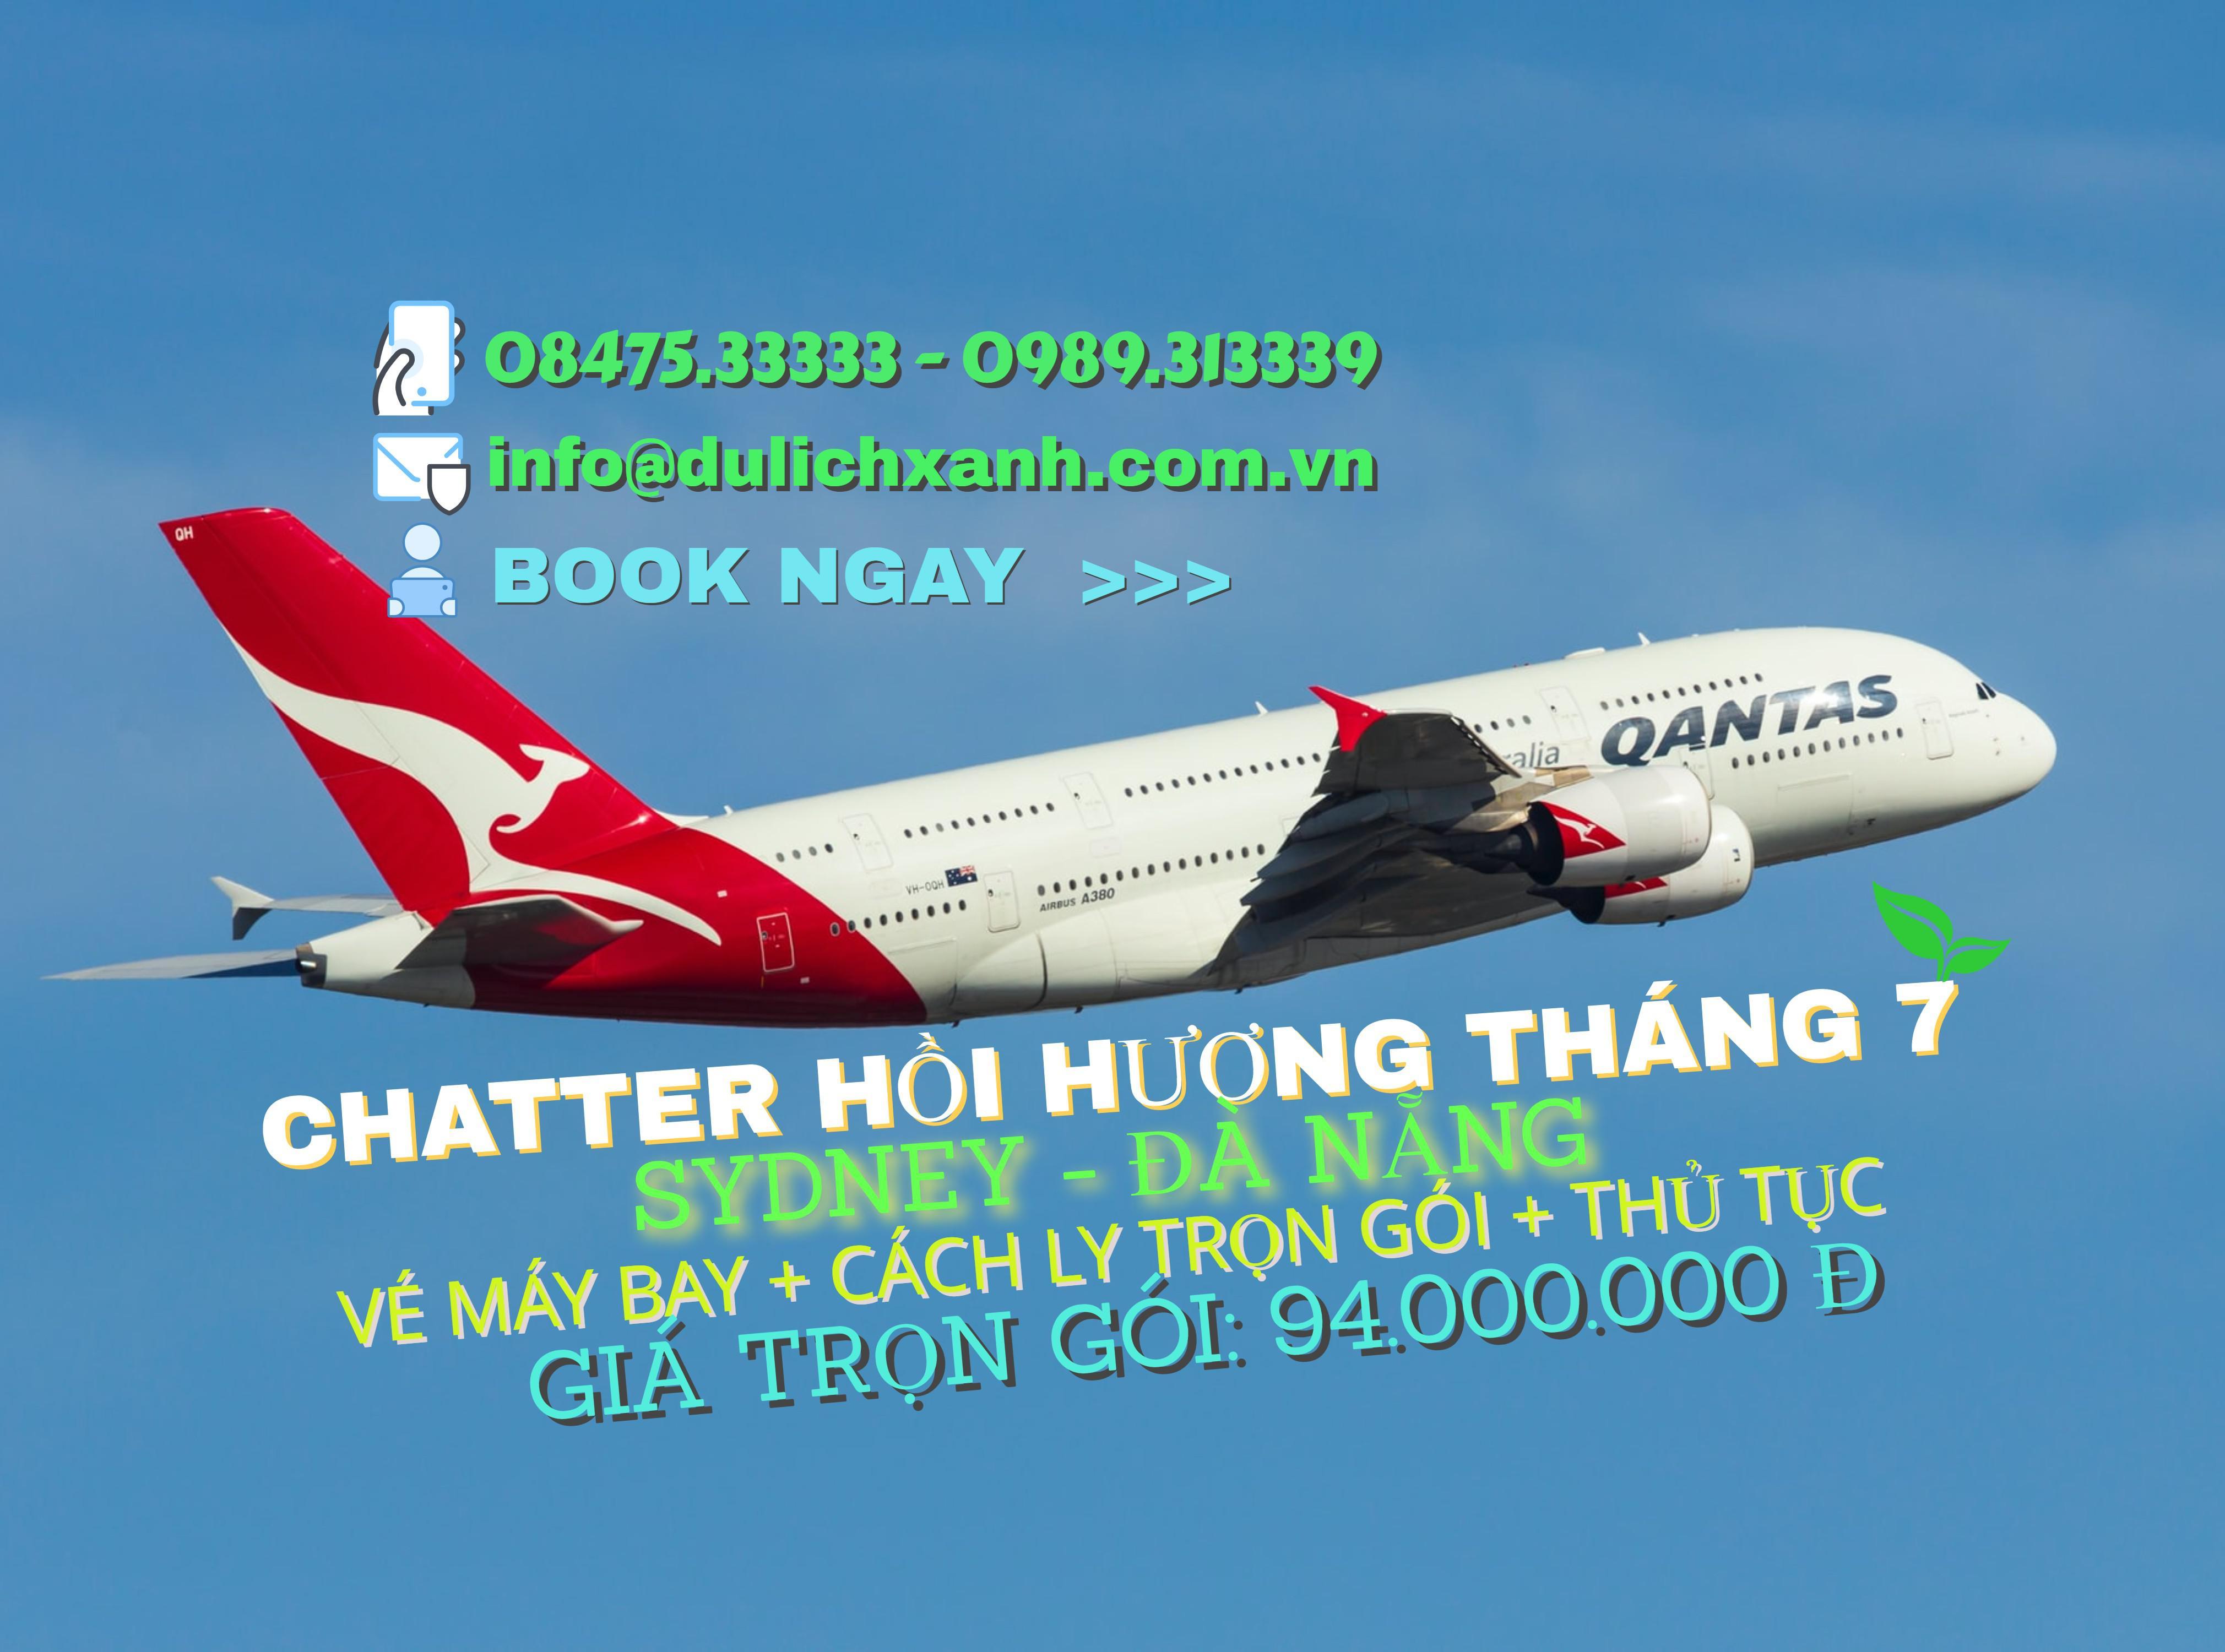 Chuyến bay chatter hồi hương từ Sydney, Úc về Việt Nam tháng 7